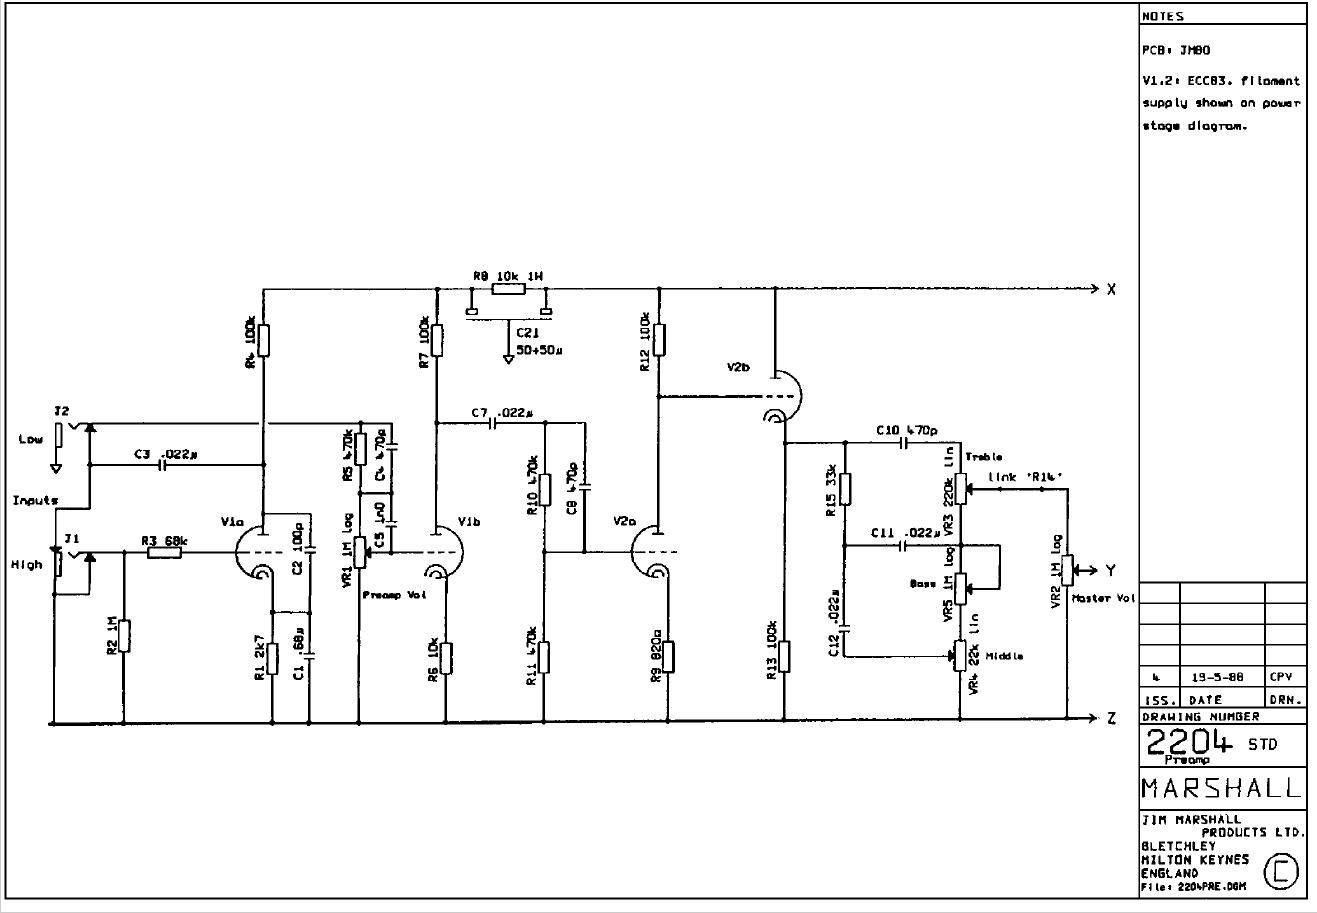 JCM800 Schema page 1